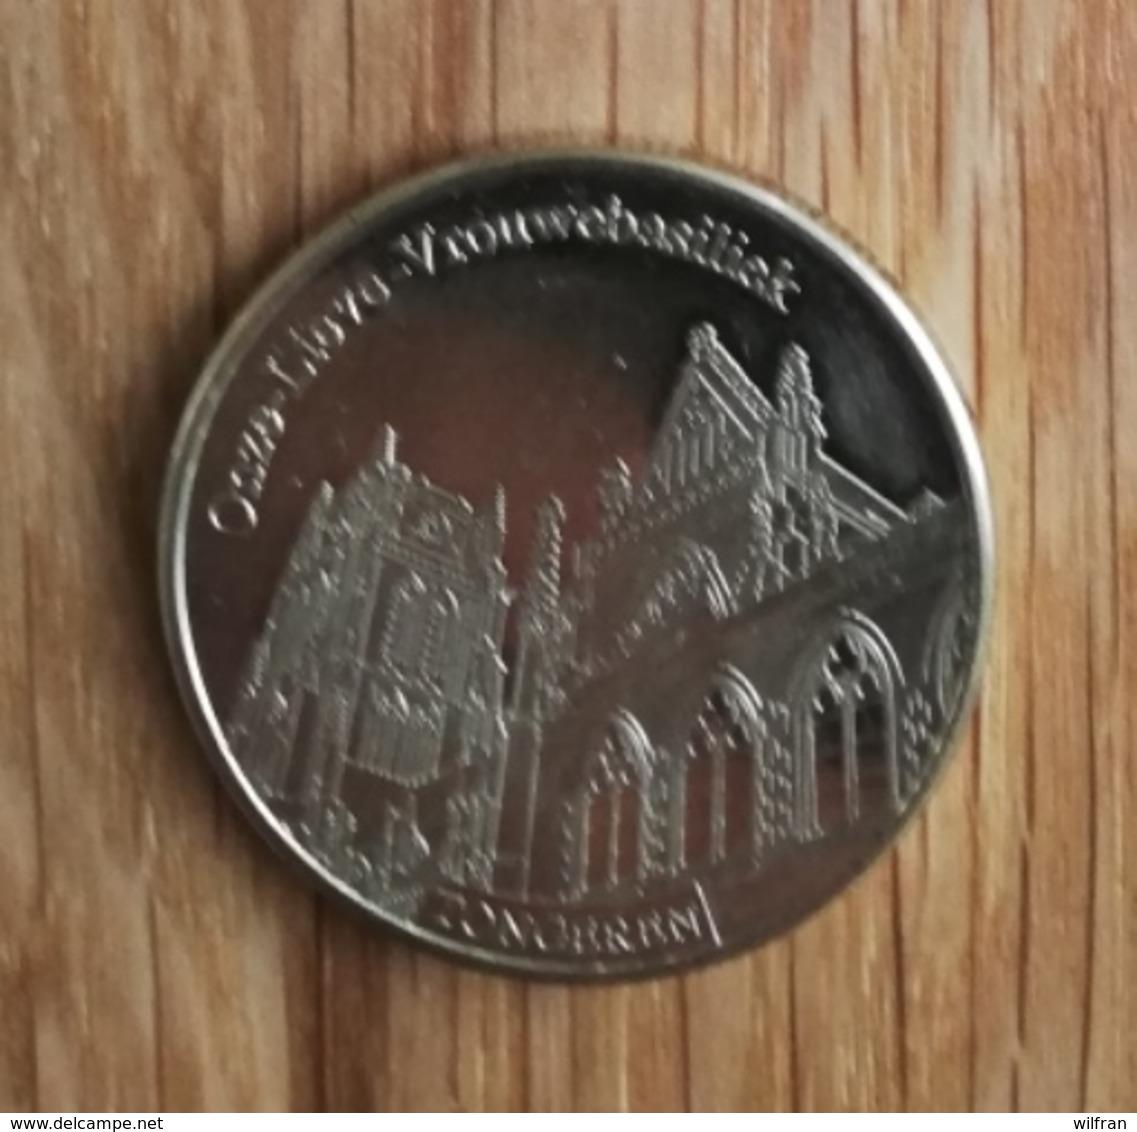 3274 Vz Onze-Lieve-Vrouwebasiliek Tongeren - Kz Belgian Heritage Collectors Coin - Andere